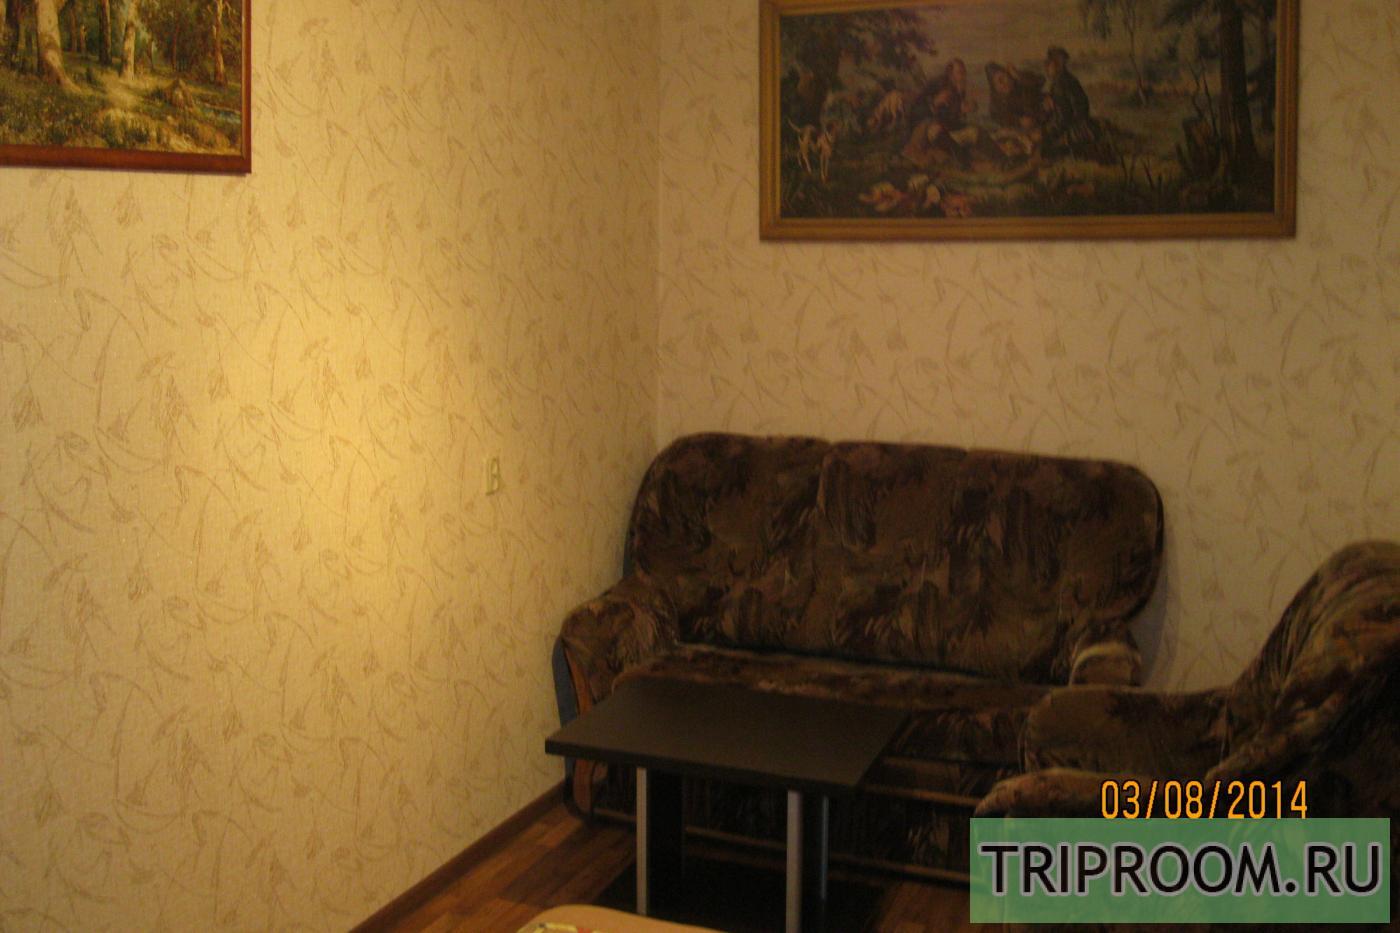 1-комнатная квартира посуточно (вариант № 7619), ул. Ангарская улица, фото № 2